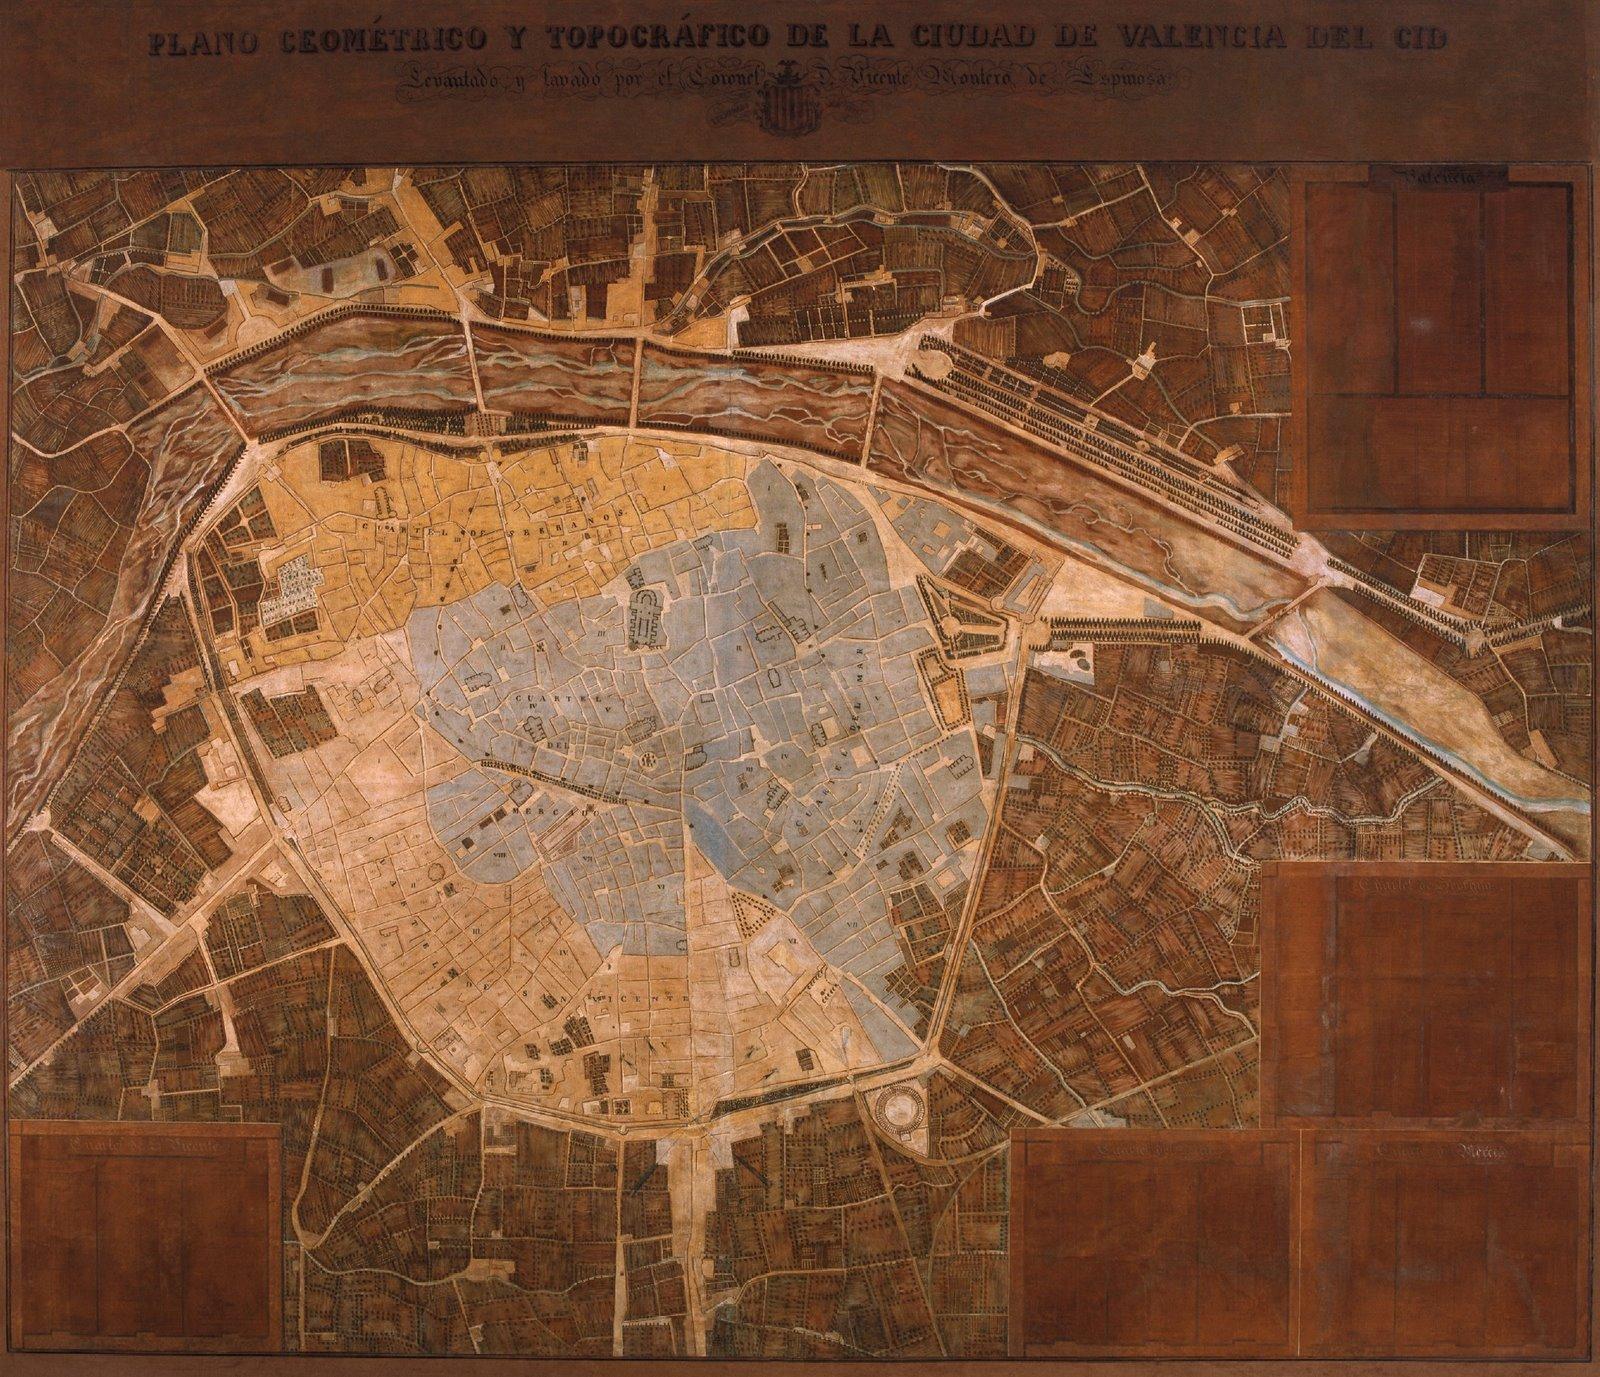 Plano geométrico y topográfico de Valencia 1853